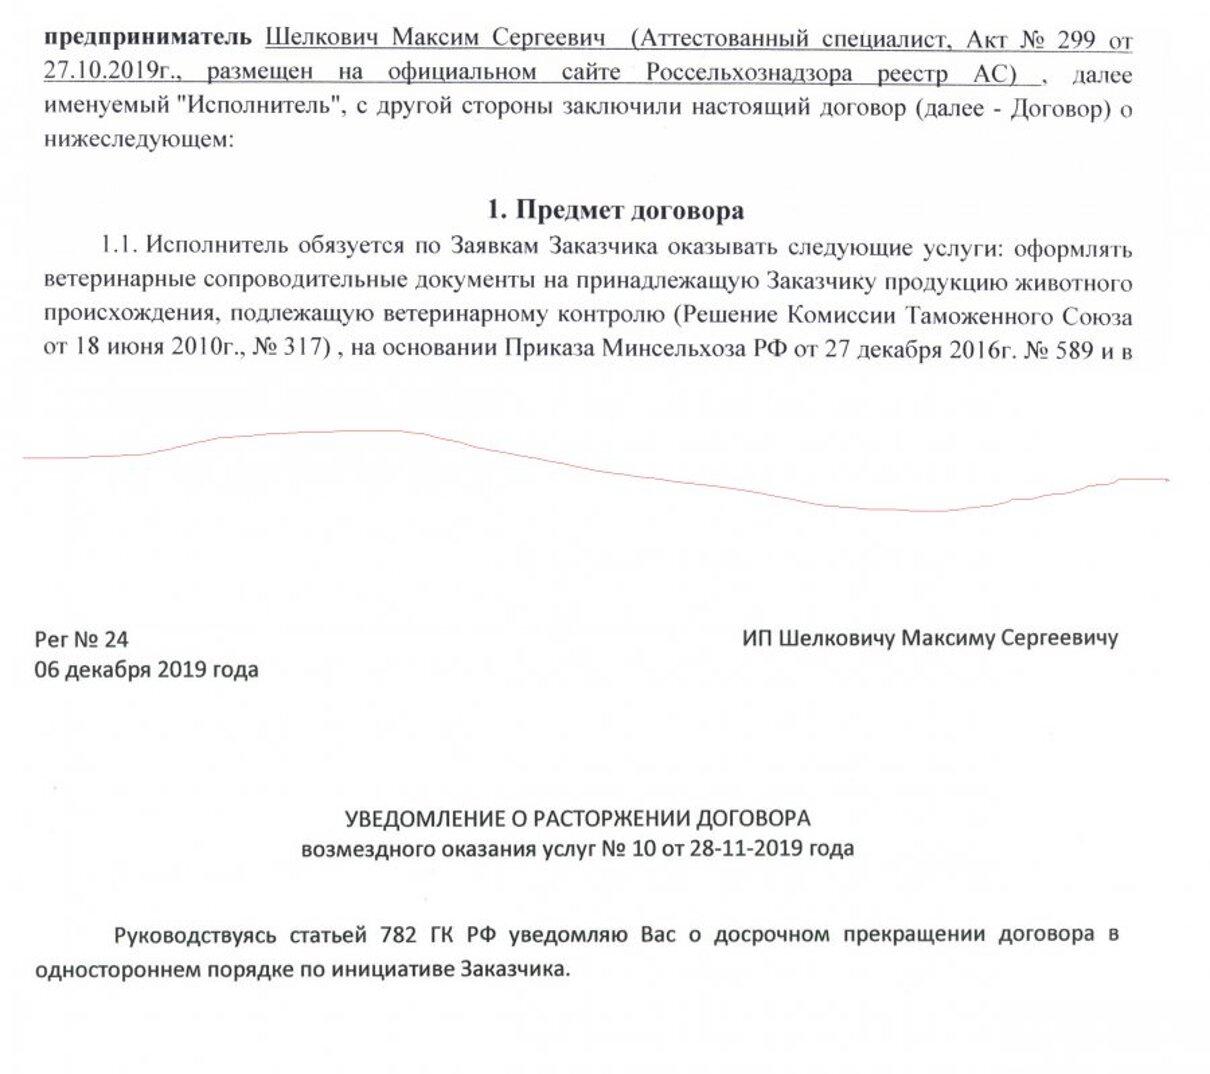 Жалоба-отзыв: ИП Шелкович Максим Сергеевич - Некомпетентный склочник